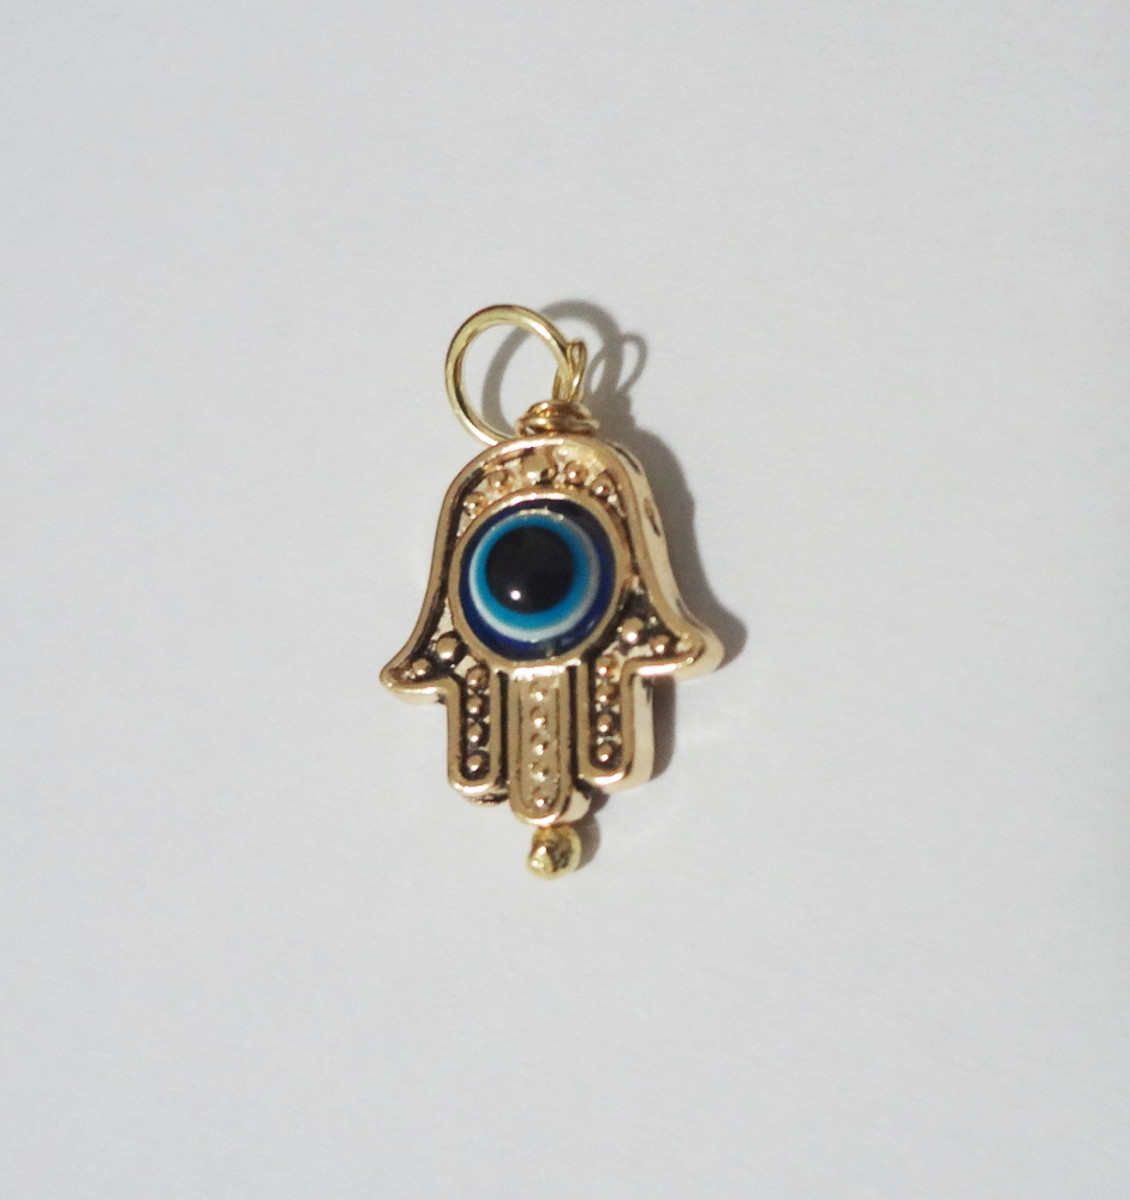 d37f8084f834e Pingente Folheado a ouro - Mão de Fátima - Olho Grego no Elo7 ...